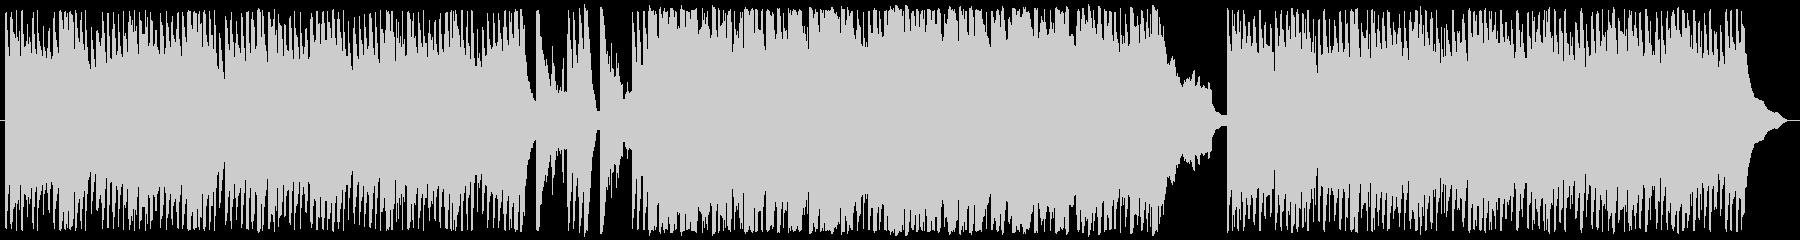 絶えず流れる水面のピアノ曲の未再生の波形